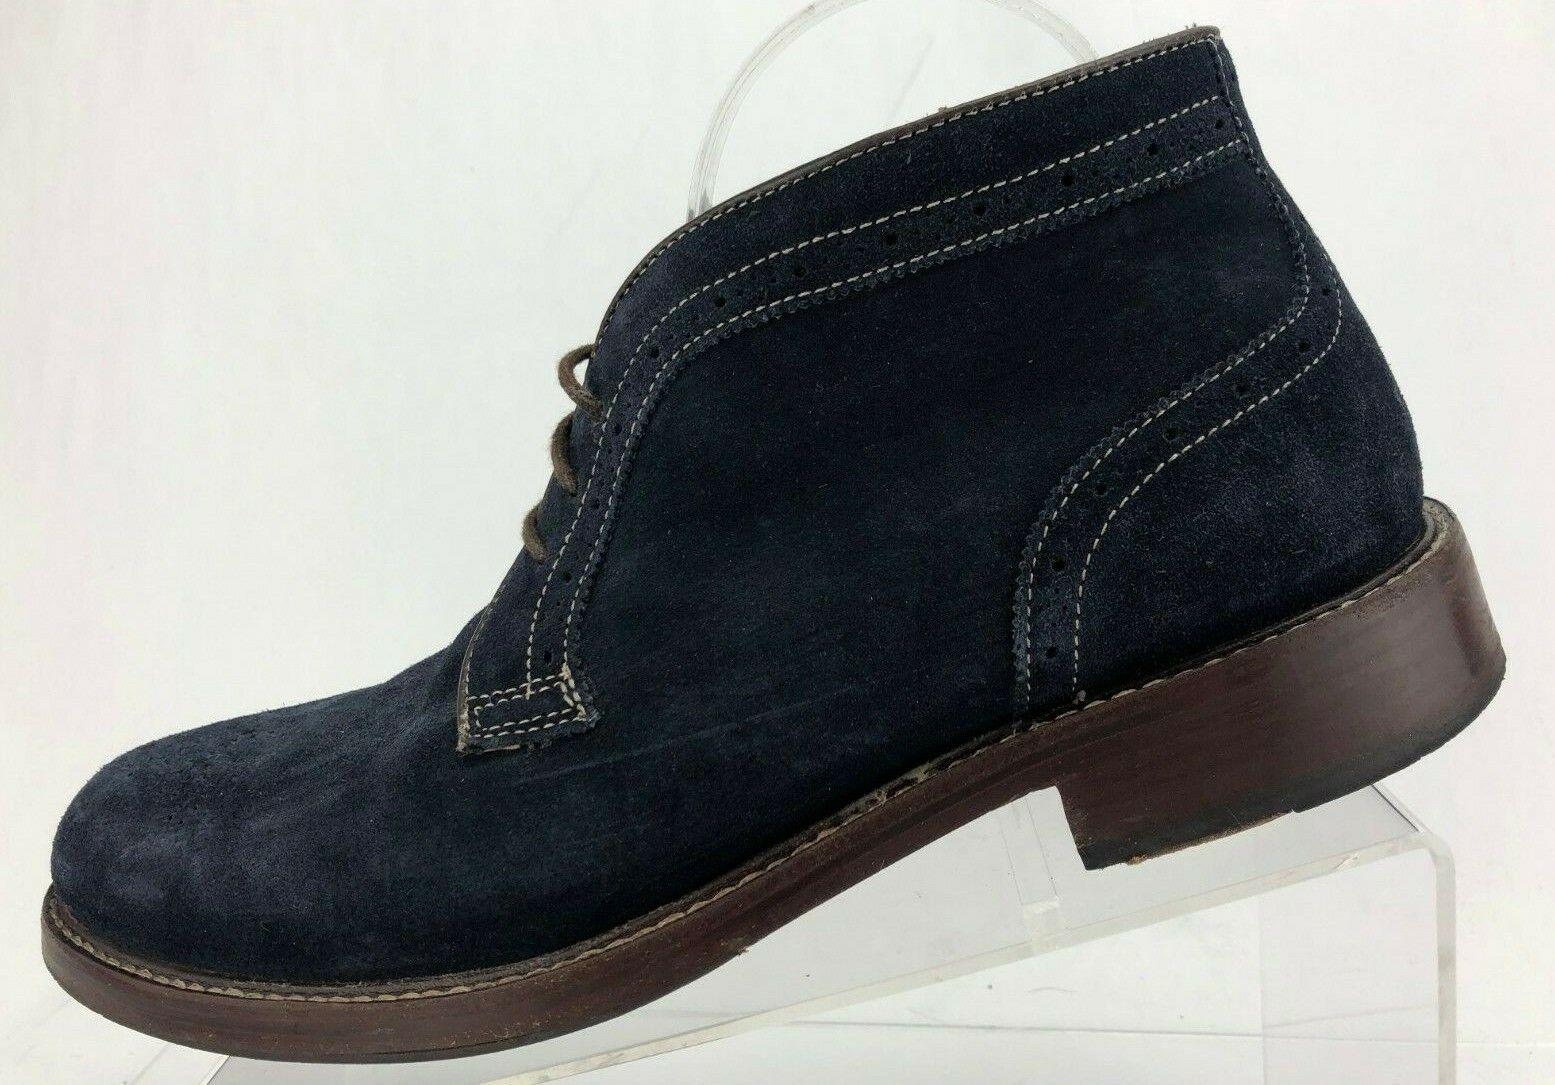 Johnston Murphy Chukka Pearson azul Suede Casual Brogue Tobillo botas Para Hombres 9.5 M